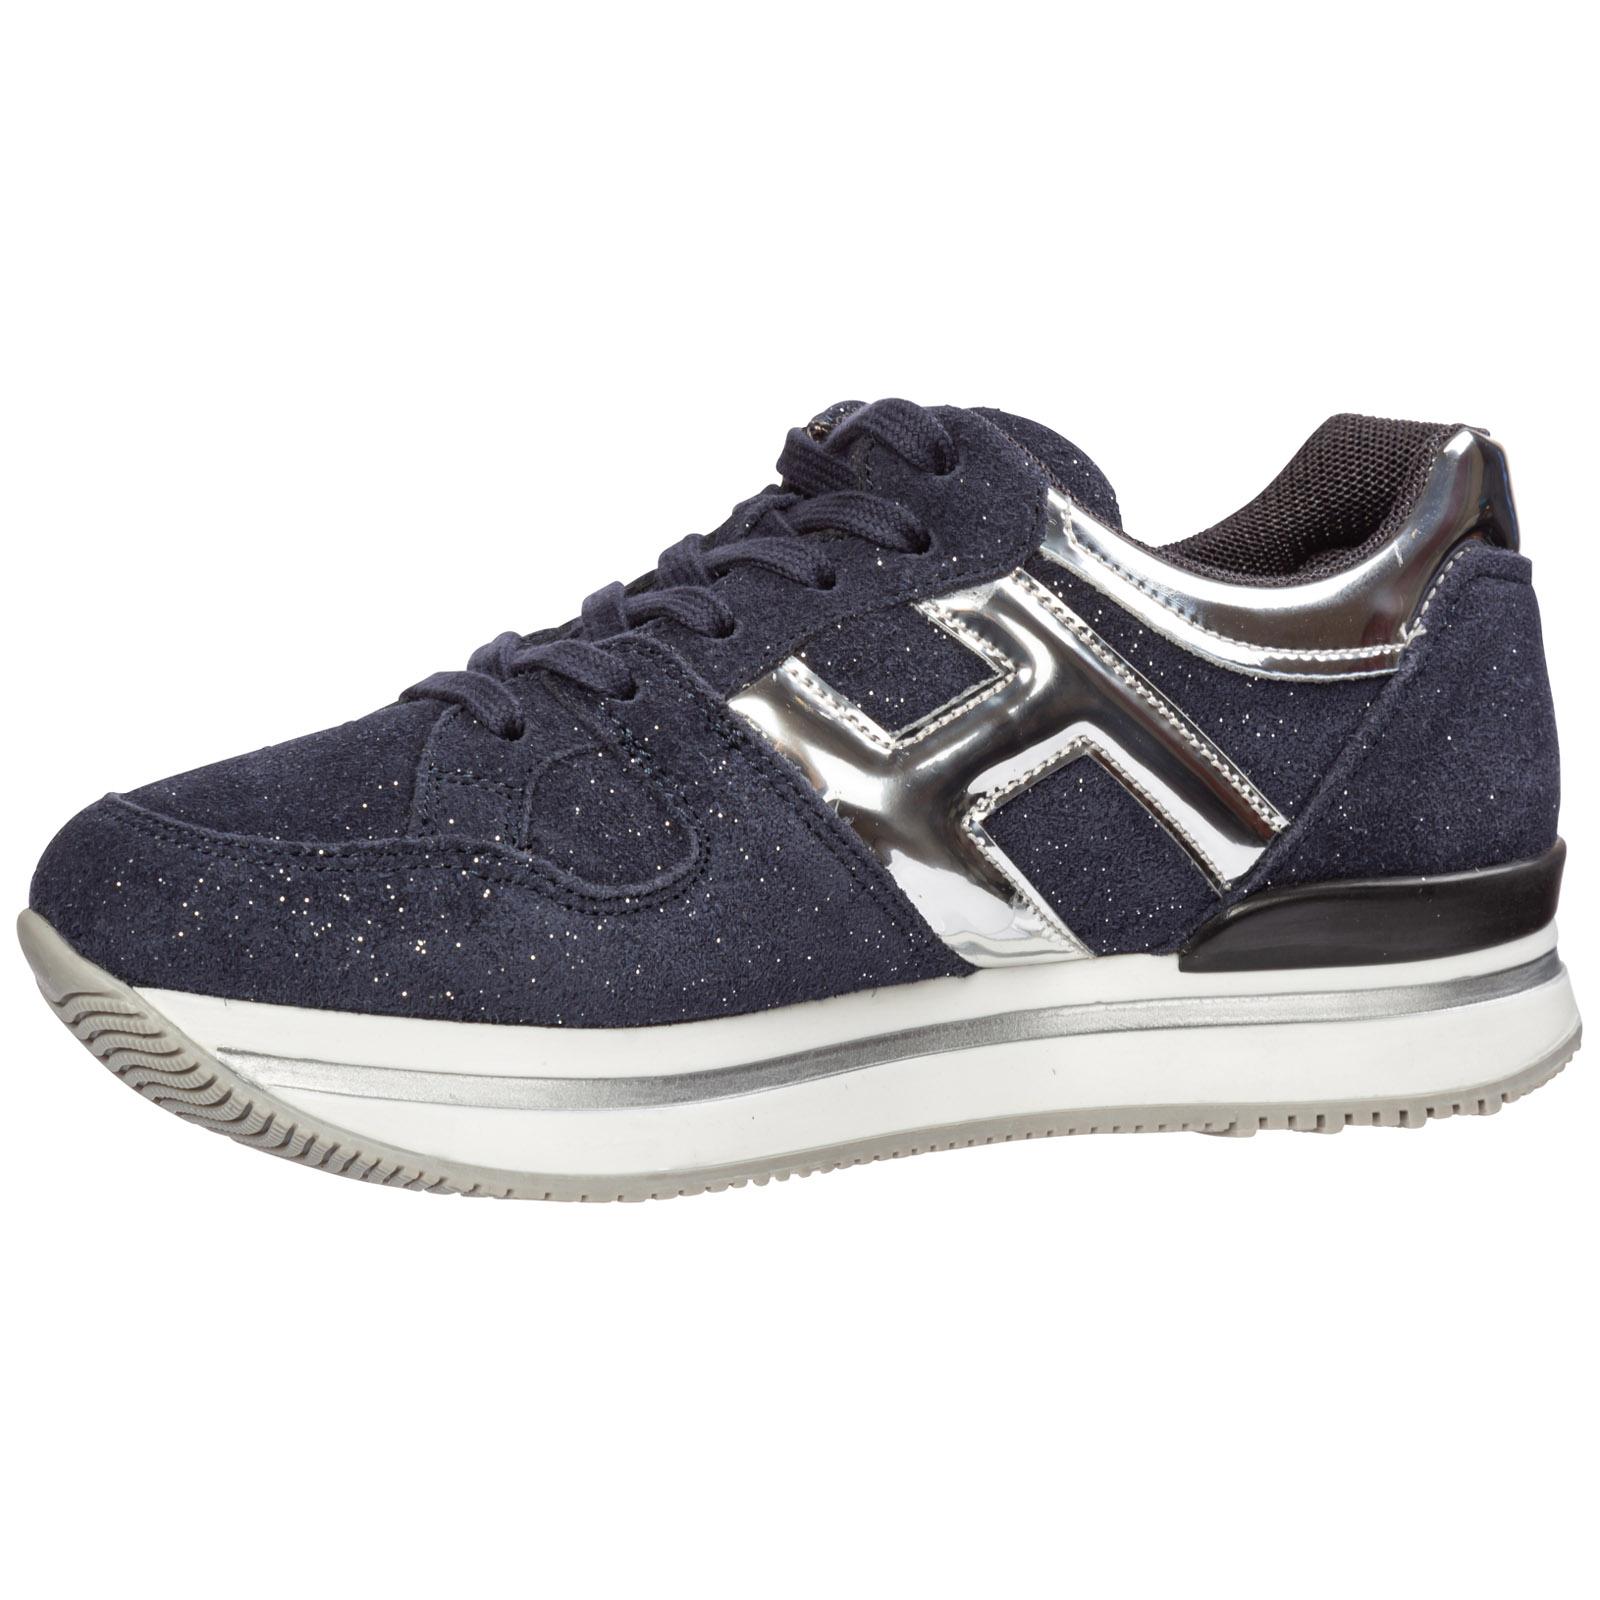 Scarpe sneakers bambina camoscio h222